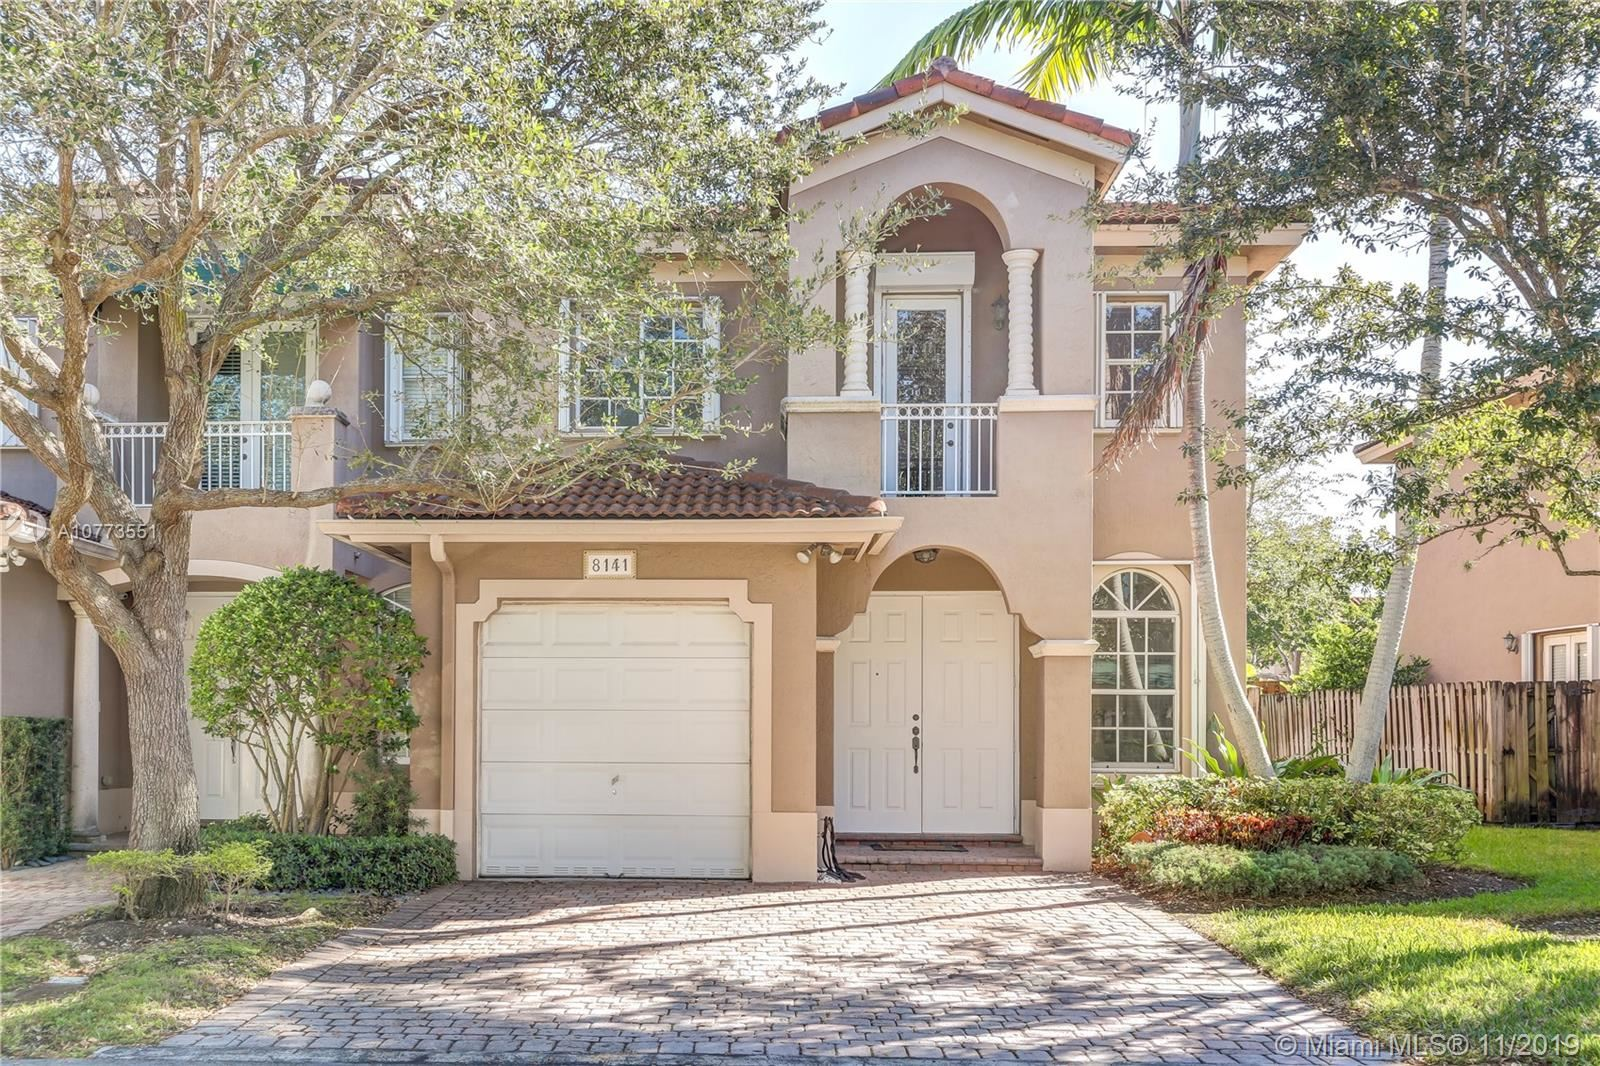 8141 SW 118th Ct #8141, Miami, FL 33183 - MLS#: A10773551